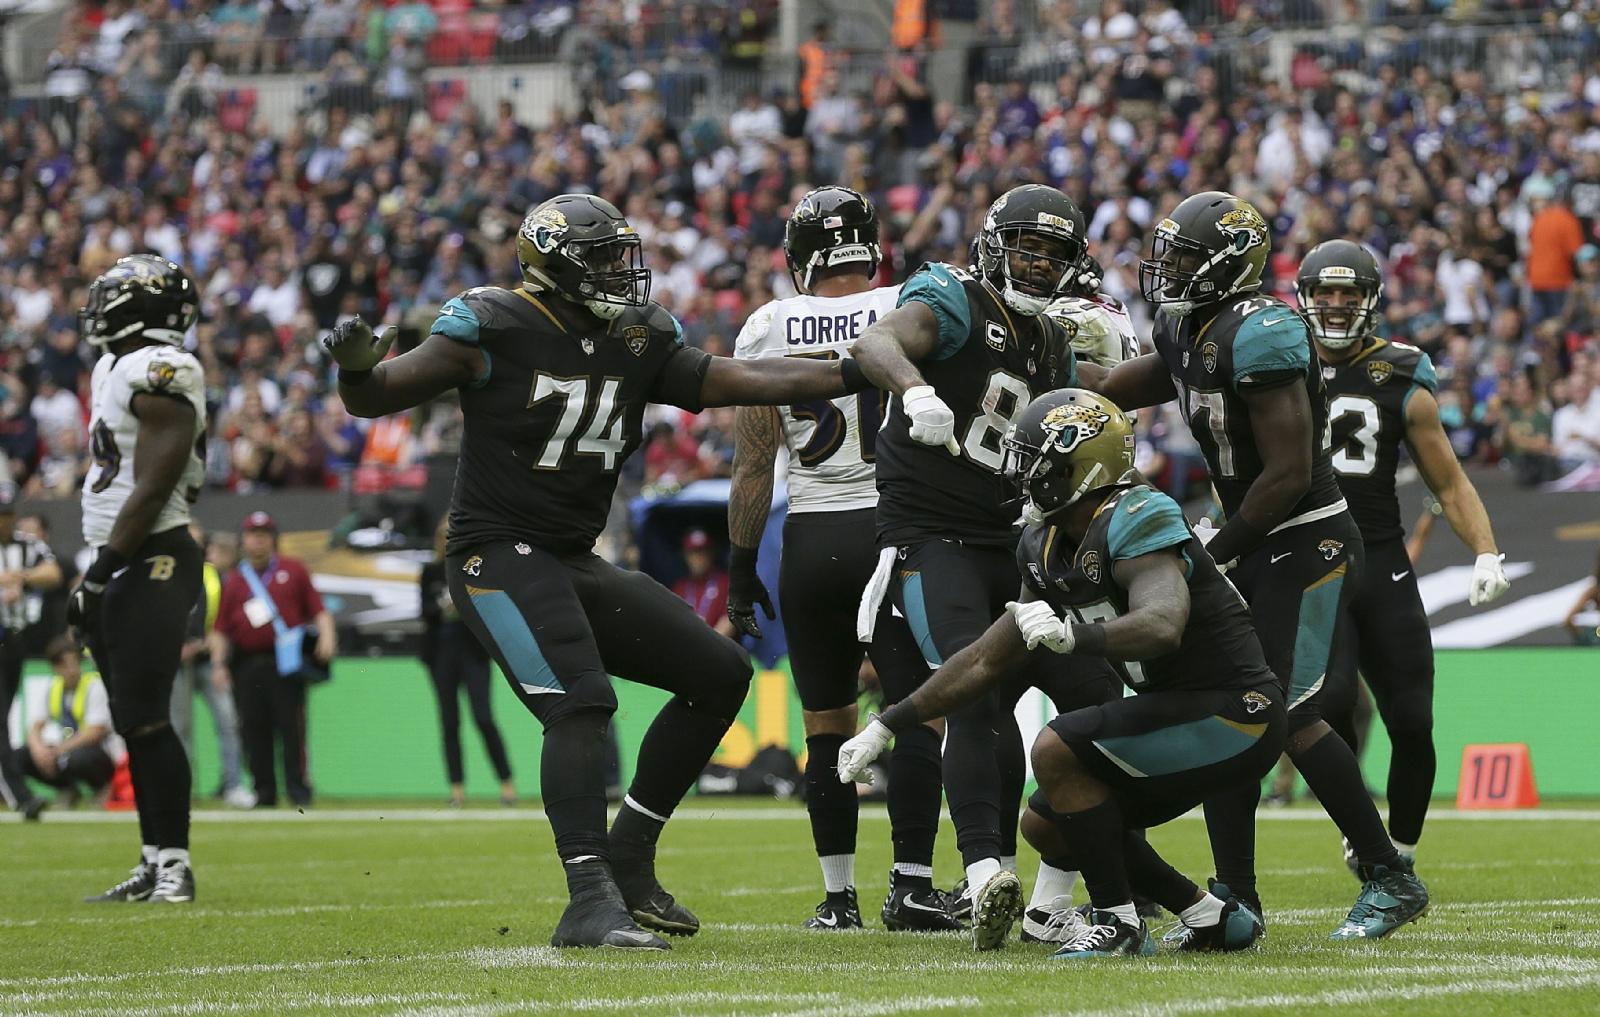 Trump quiere echar a los que protestan contra el racismo — NFL